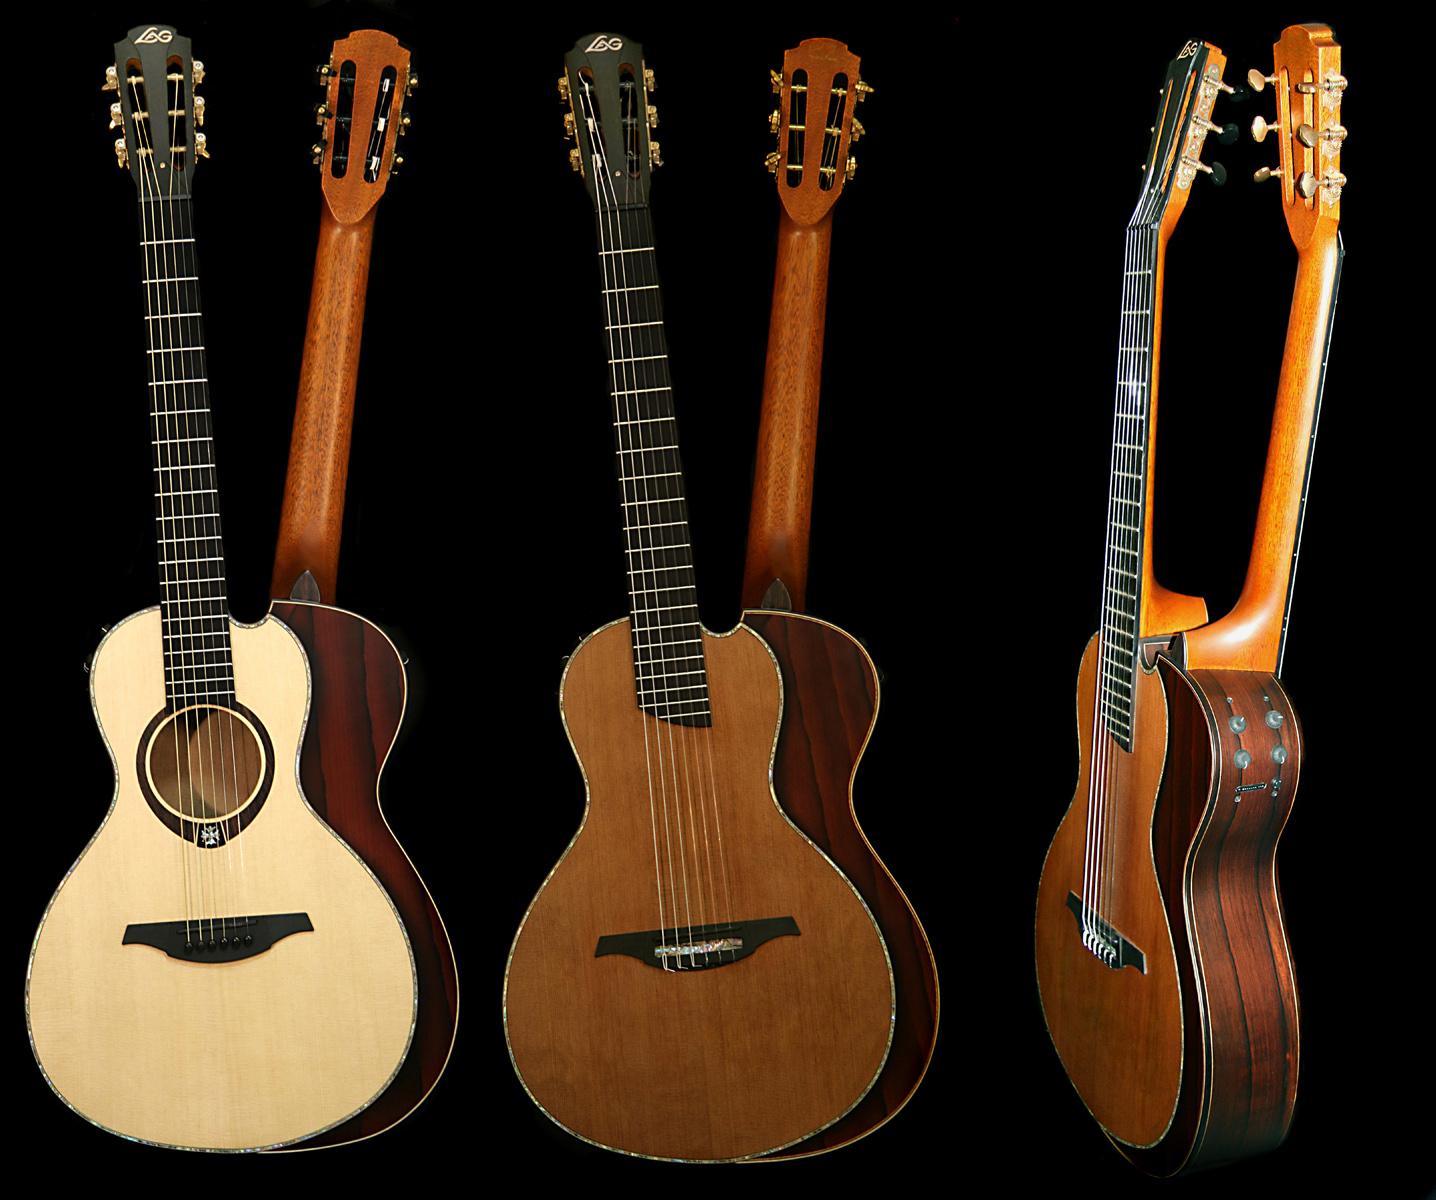 Les deux guitares - 1 7